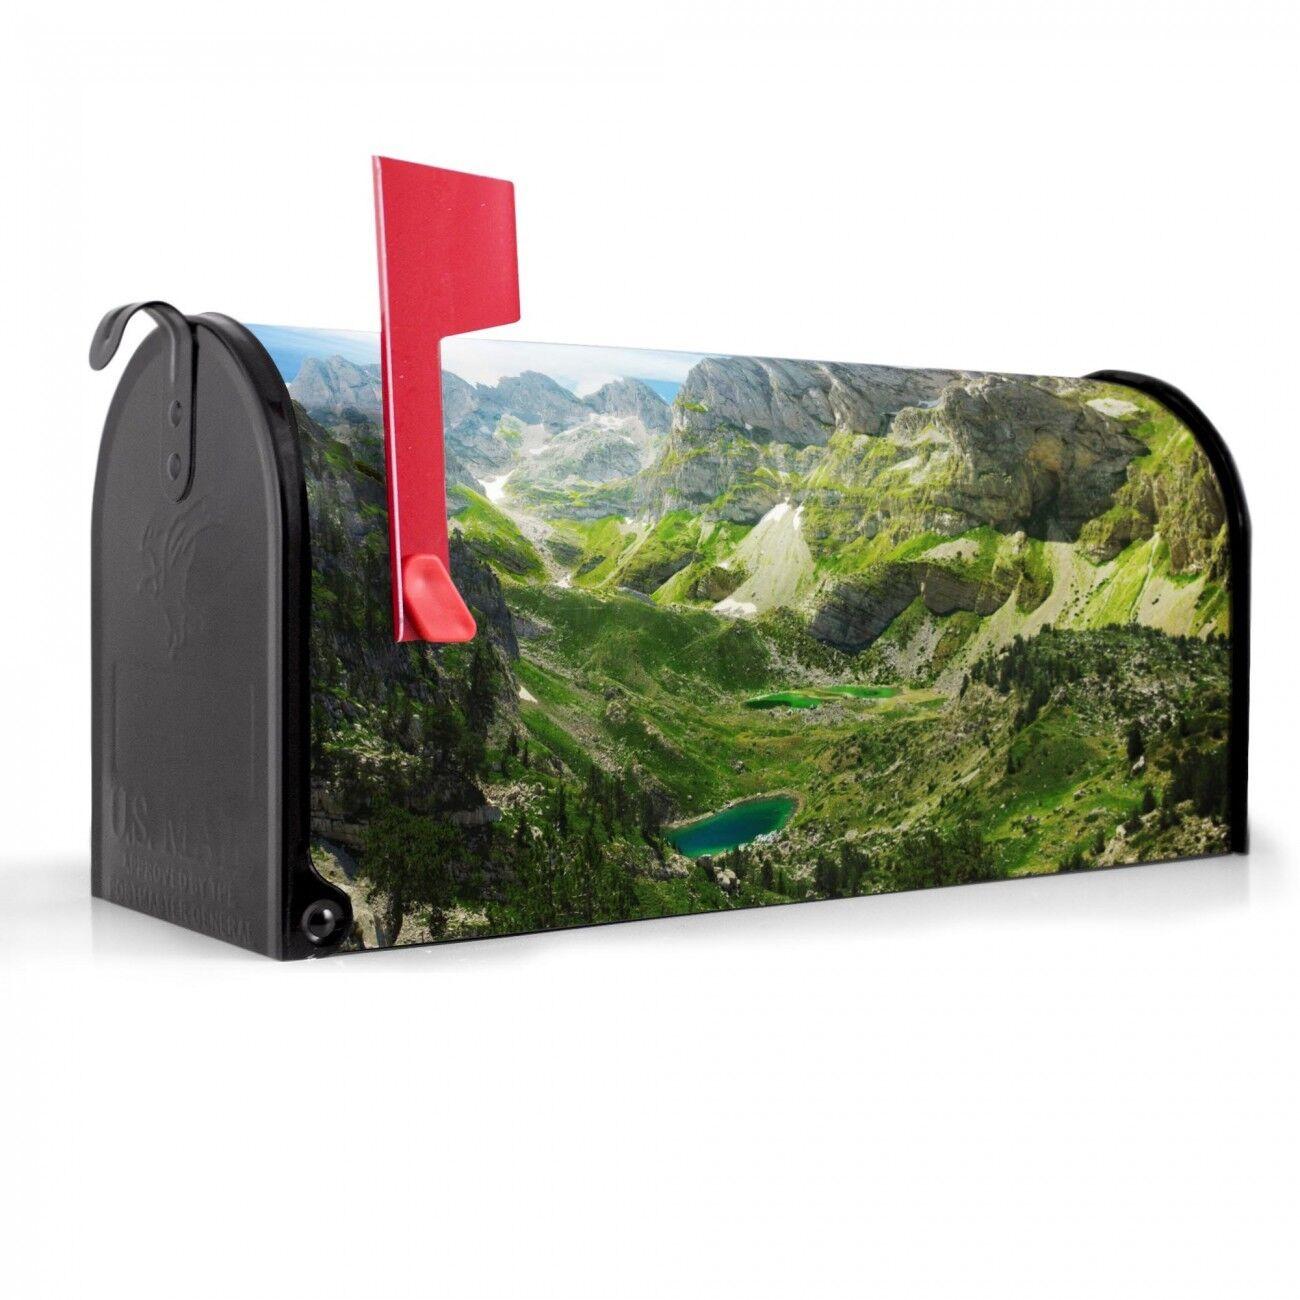 Banjado US Mailbox Amerikanischer Briefkasten Stahl schwarz Motiv Bergsee Alpen